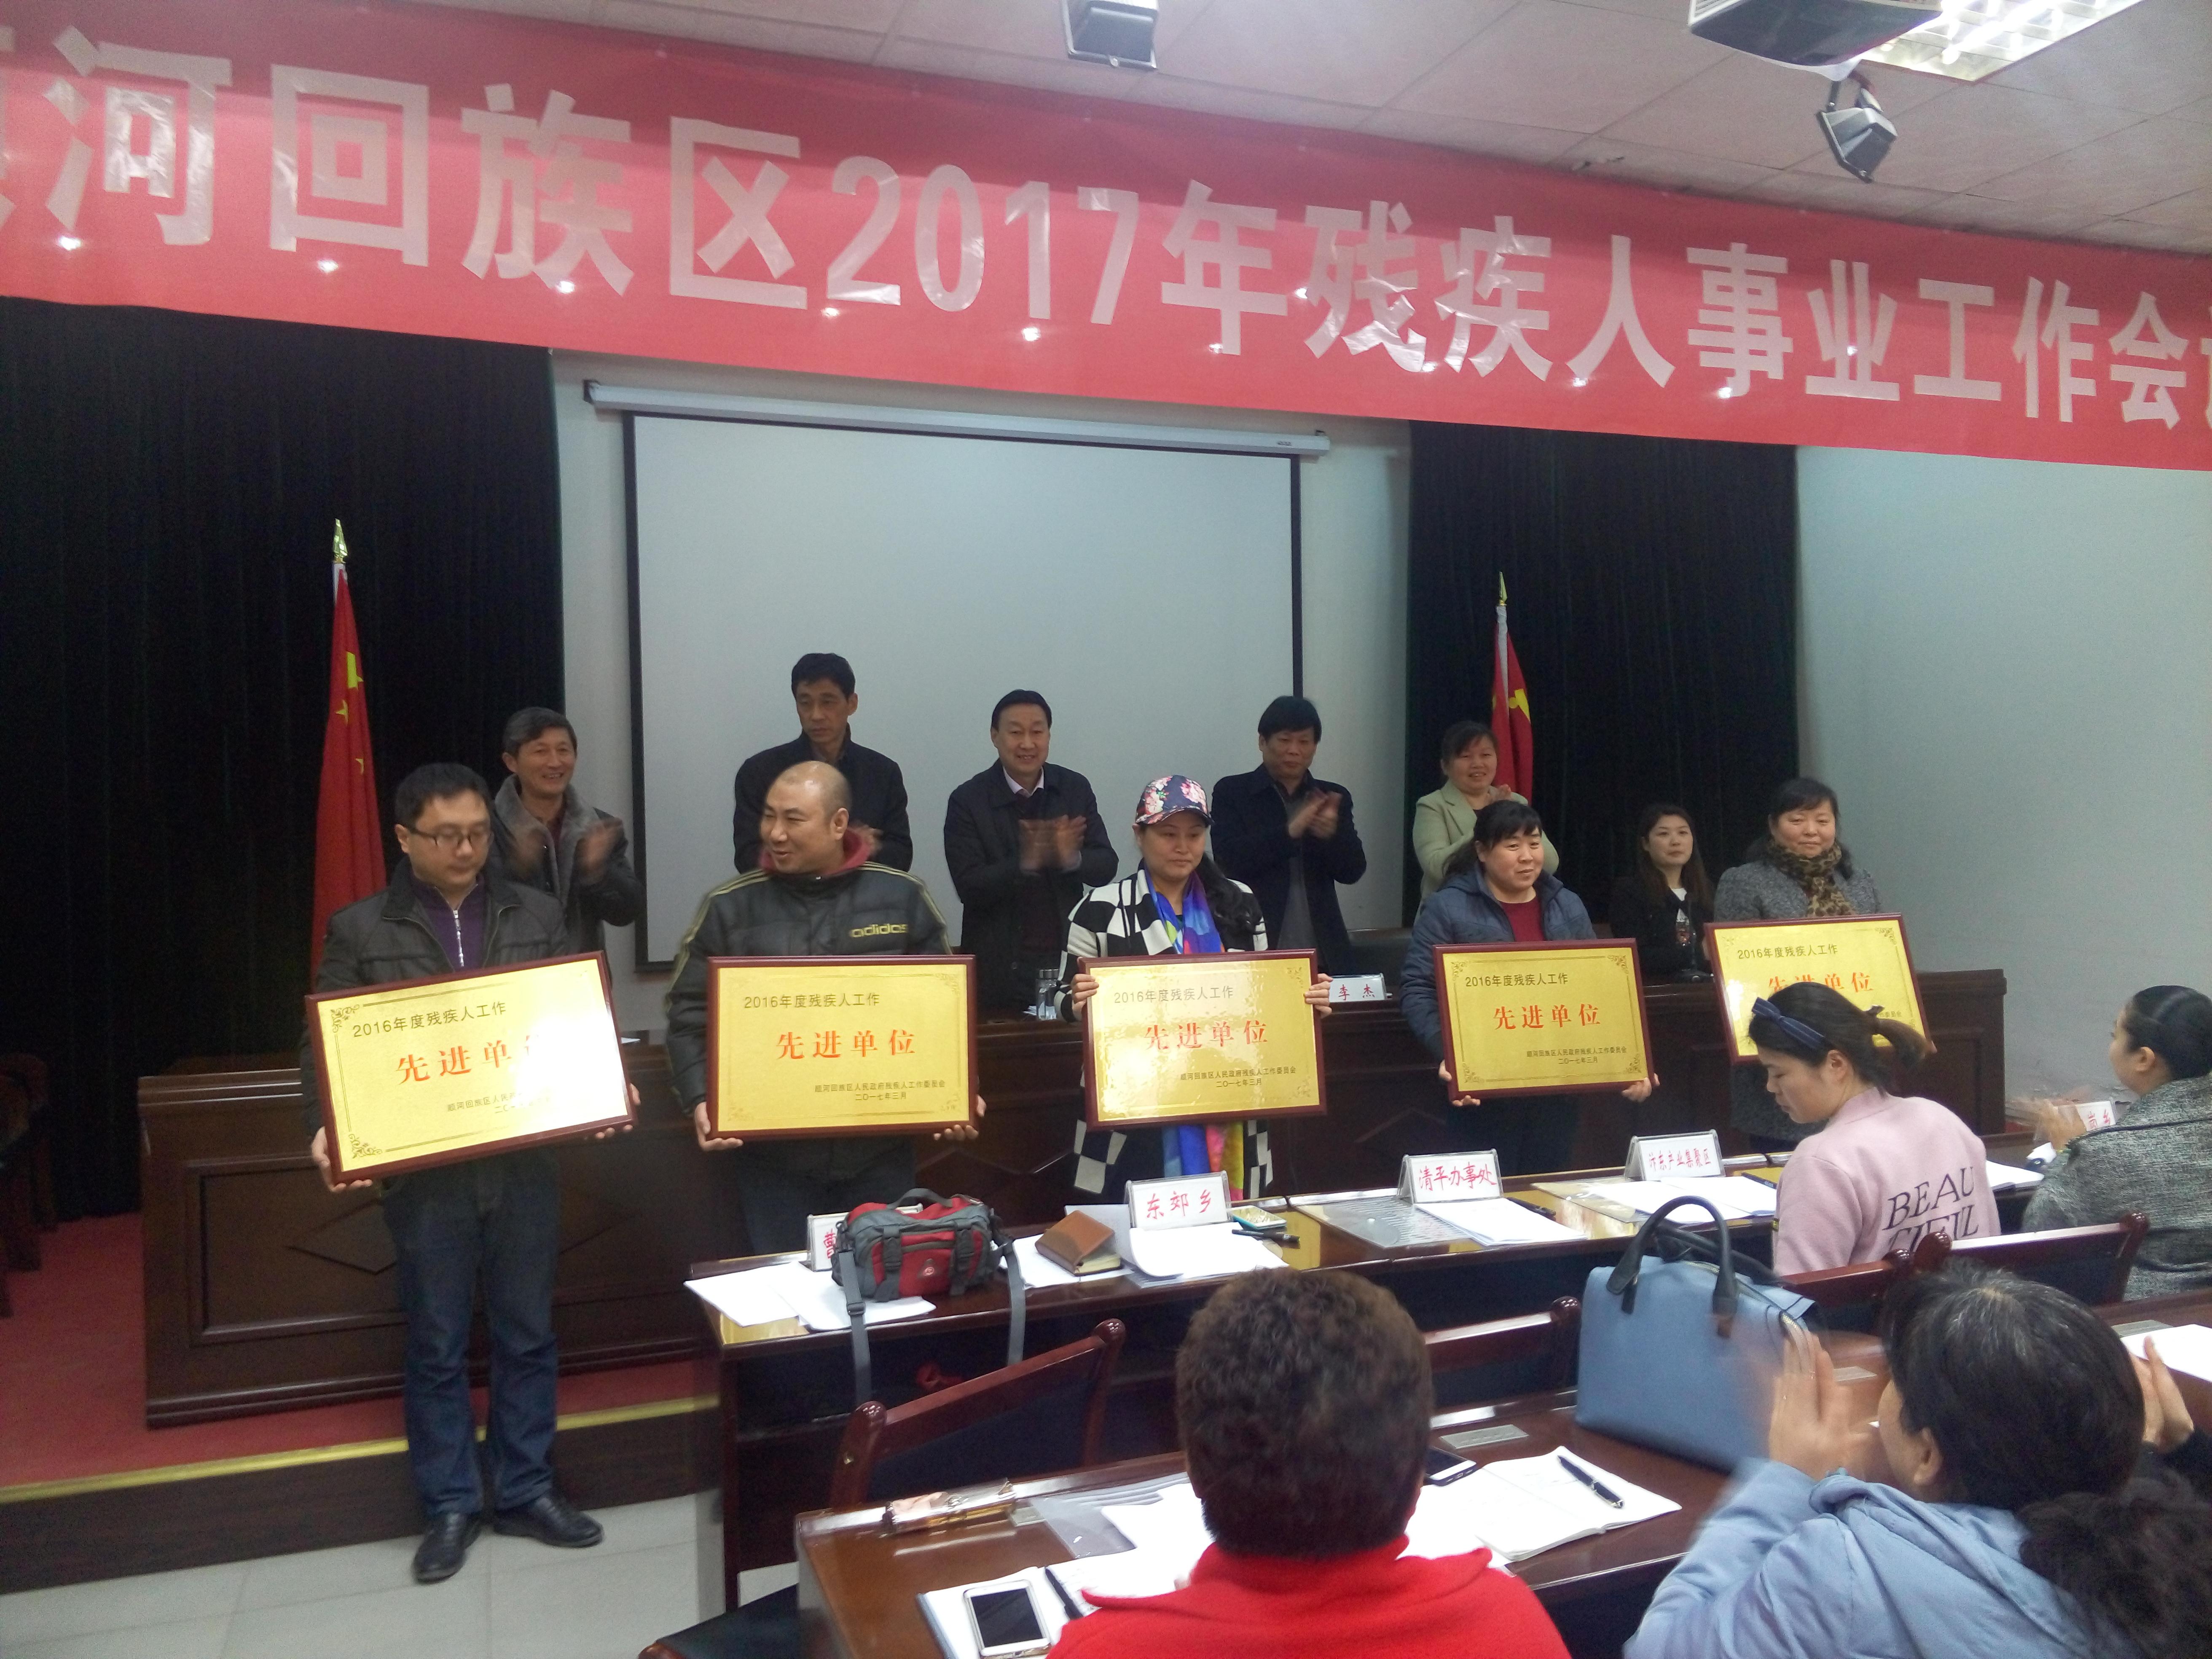 顺河回族区召开2017年残疾人事业工作会议